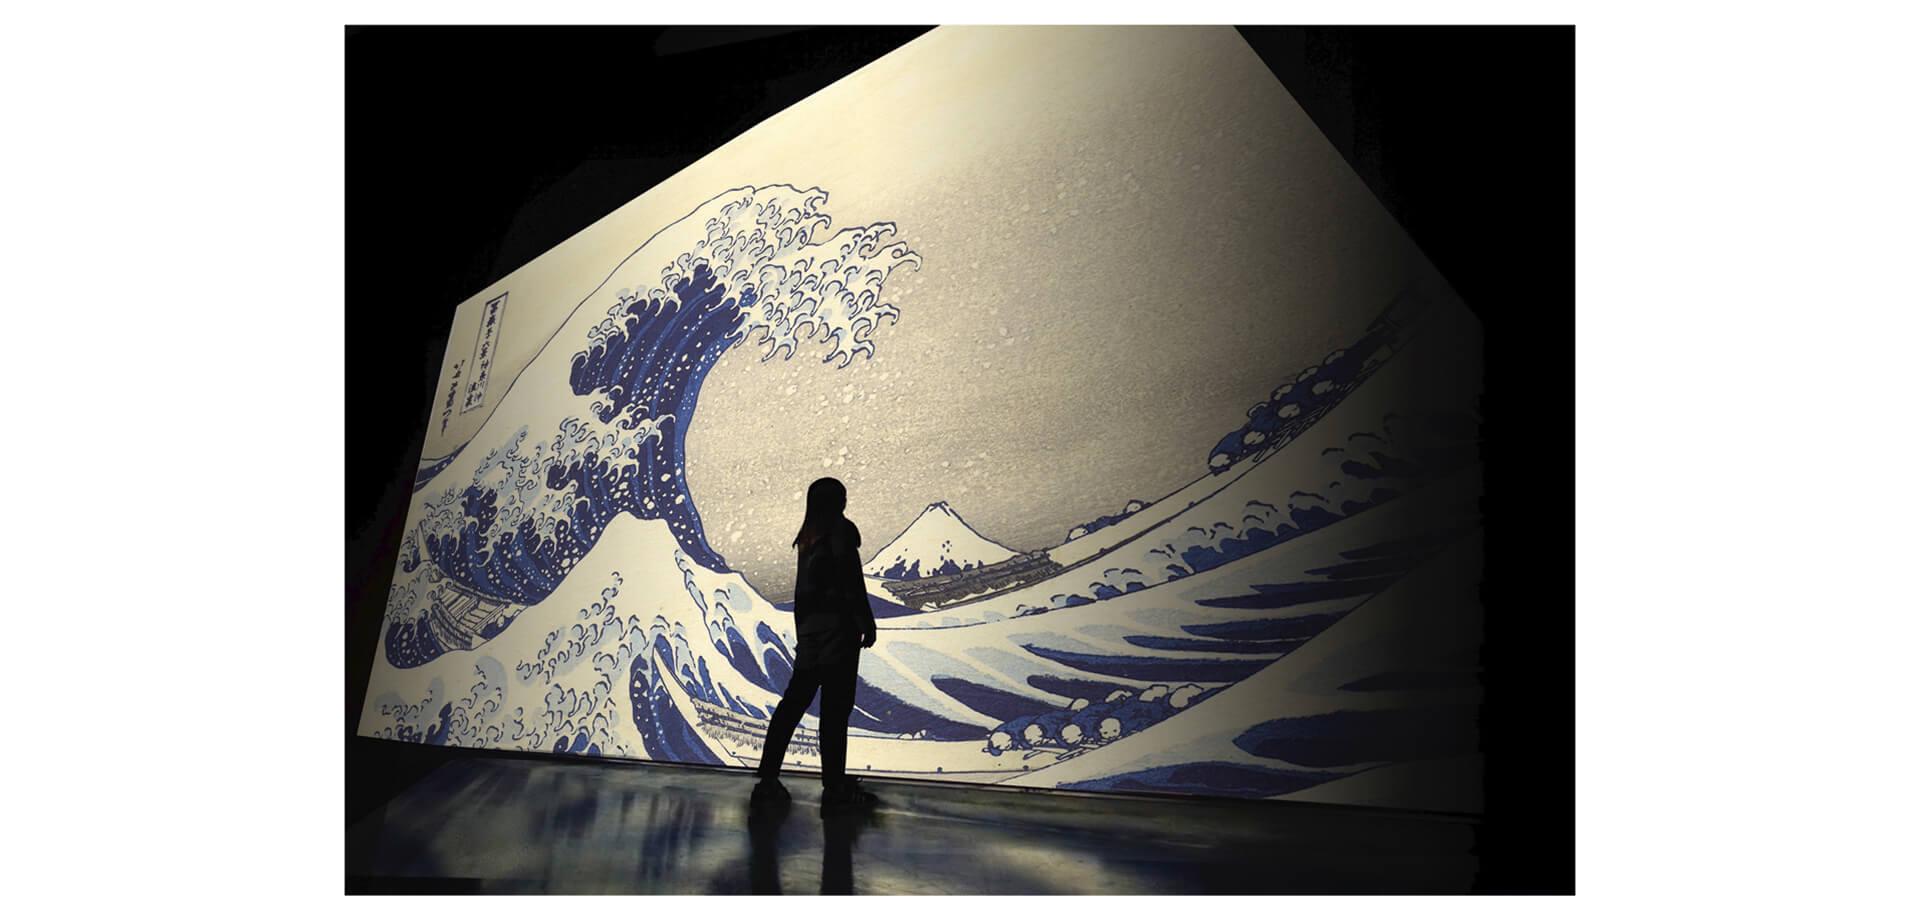 デジタルアート展『巨大映像で迫る五大絵師』 −北斎・広重・宗達・光琳・若冲の世界−